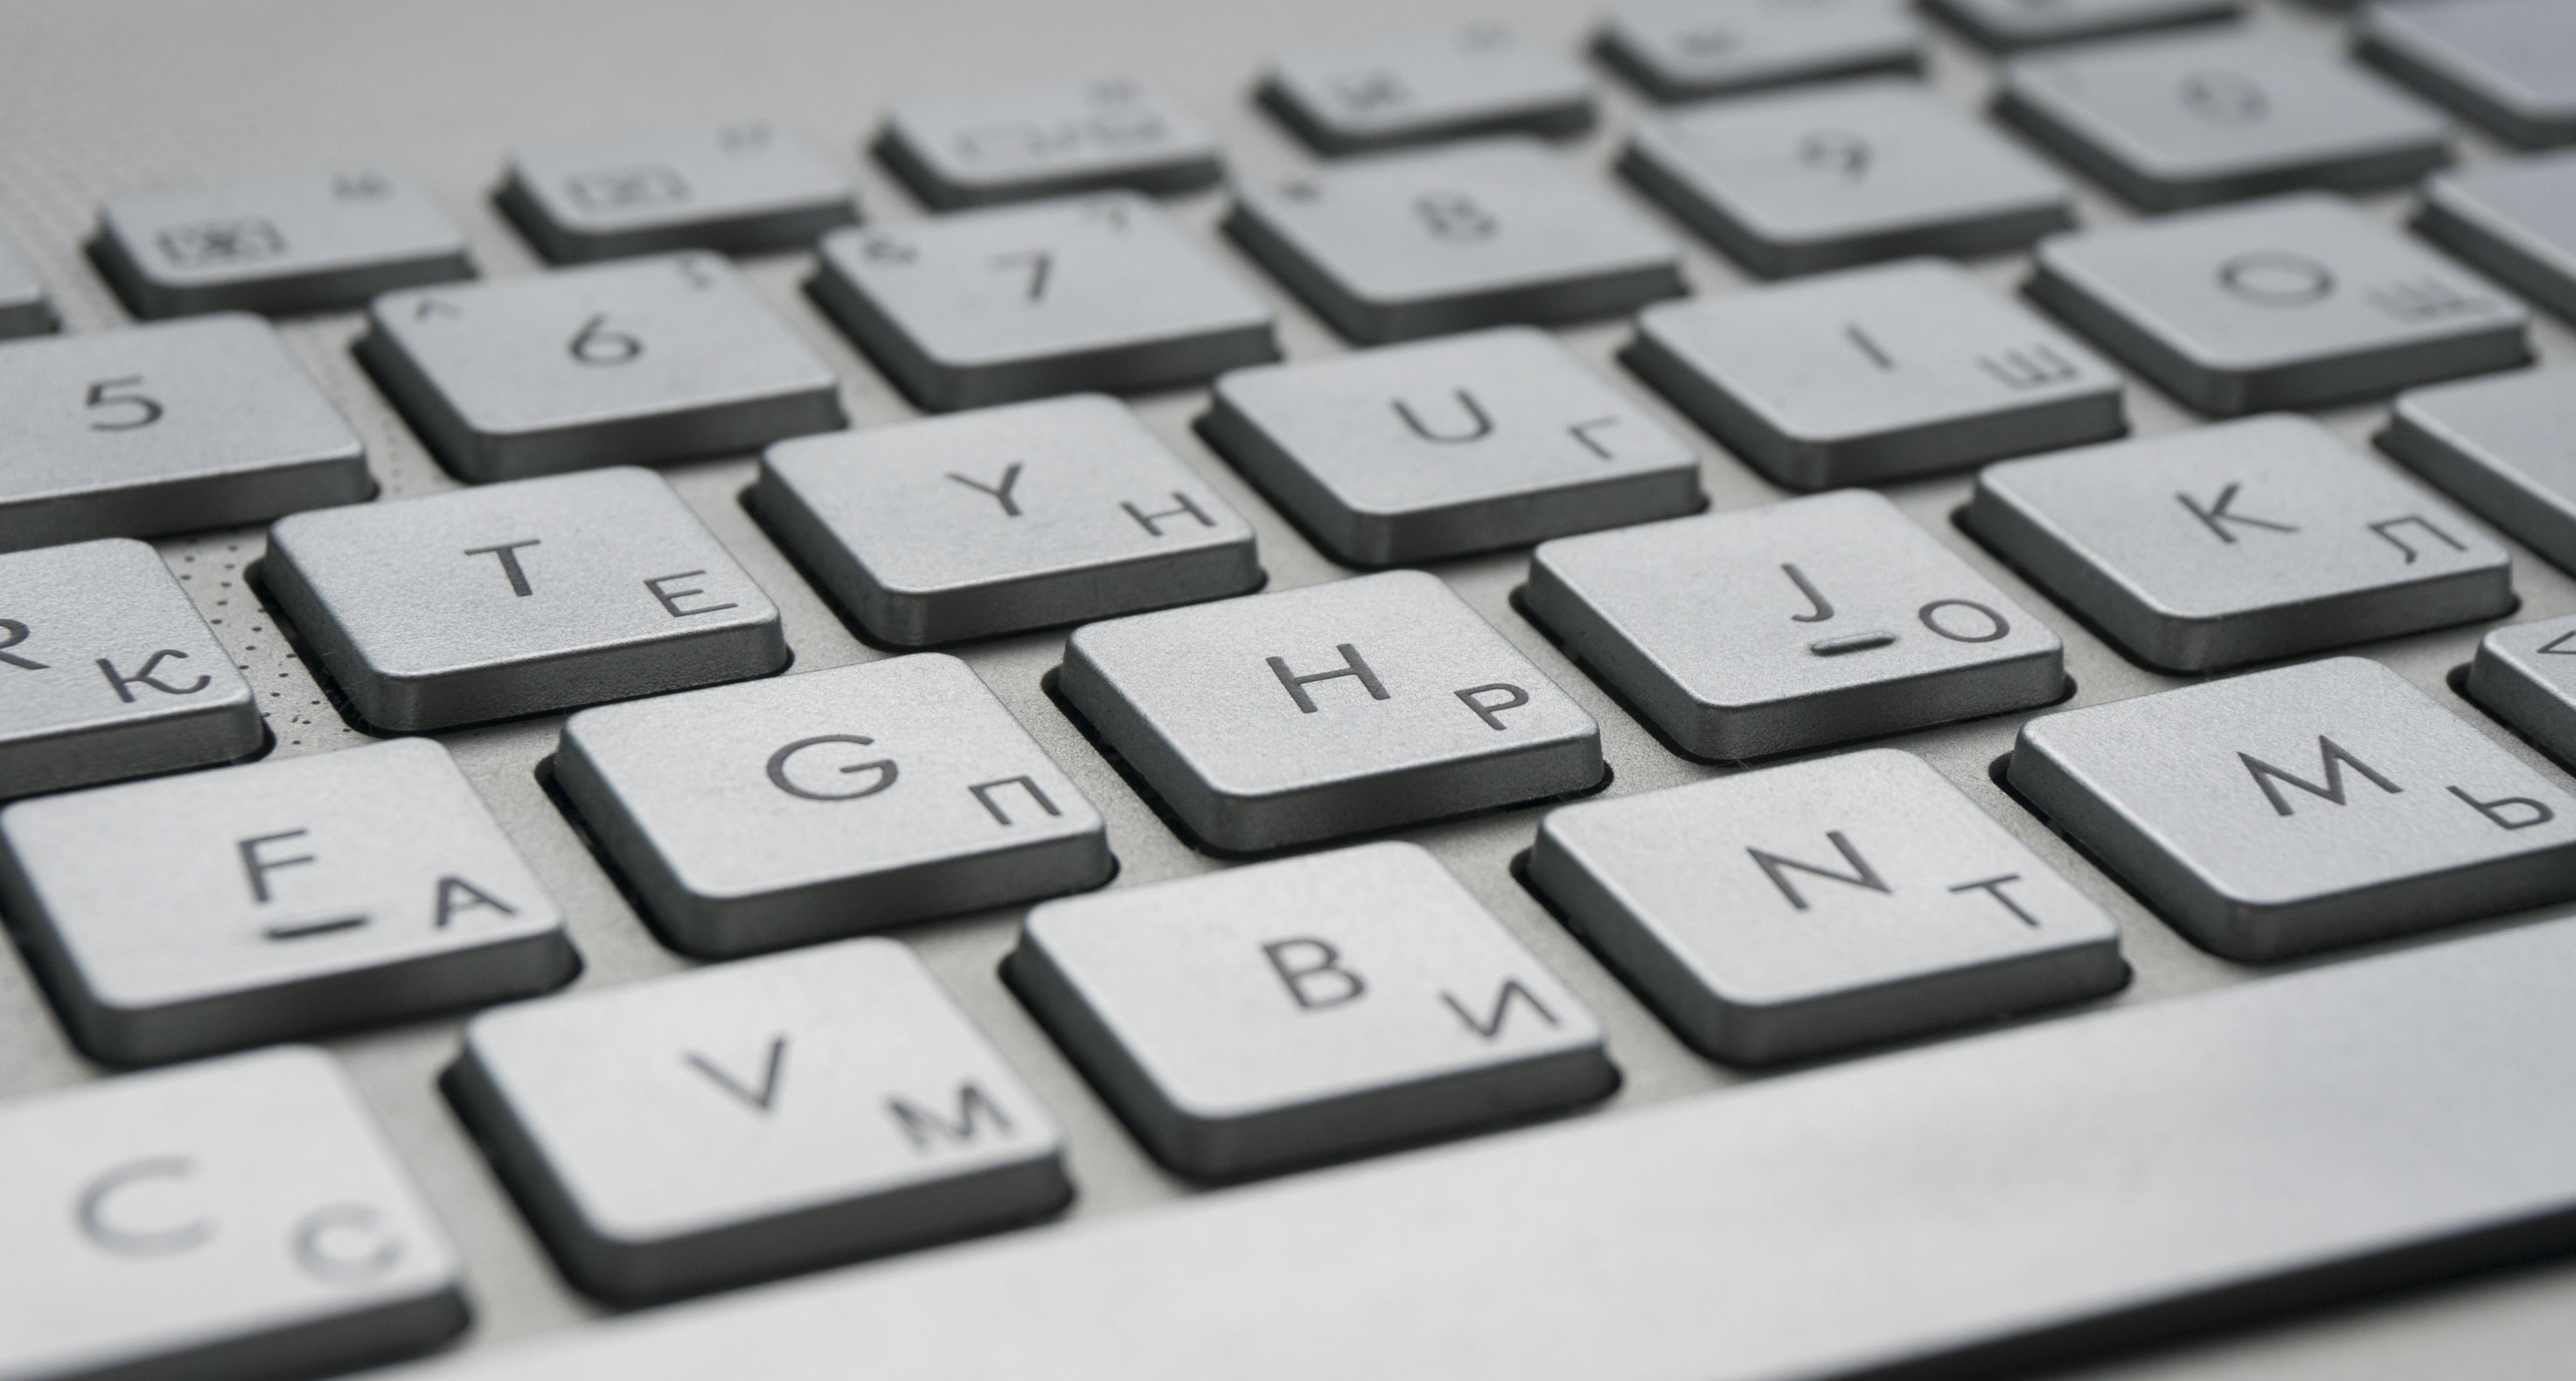 Free Images Laptop Work Technology Sign Symbol Desktop